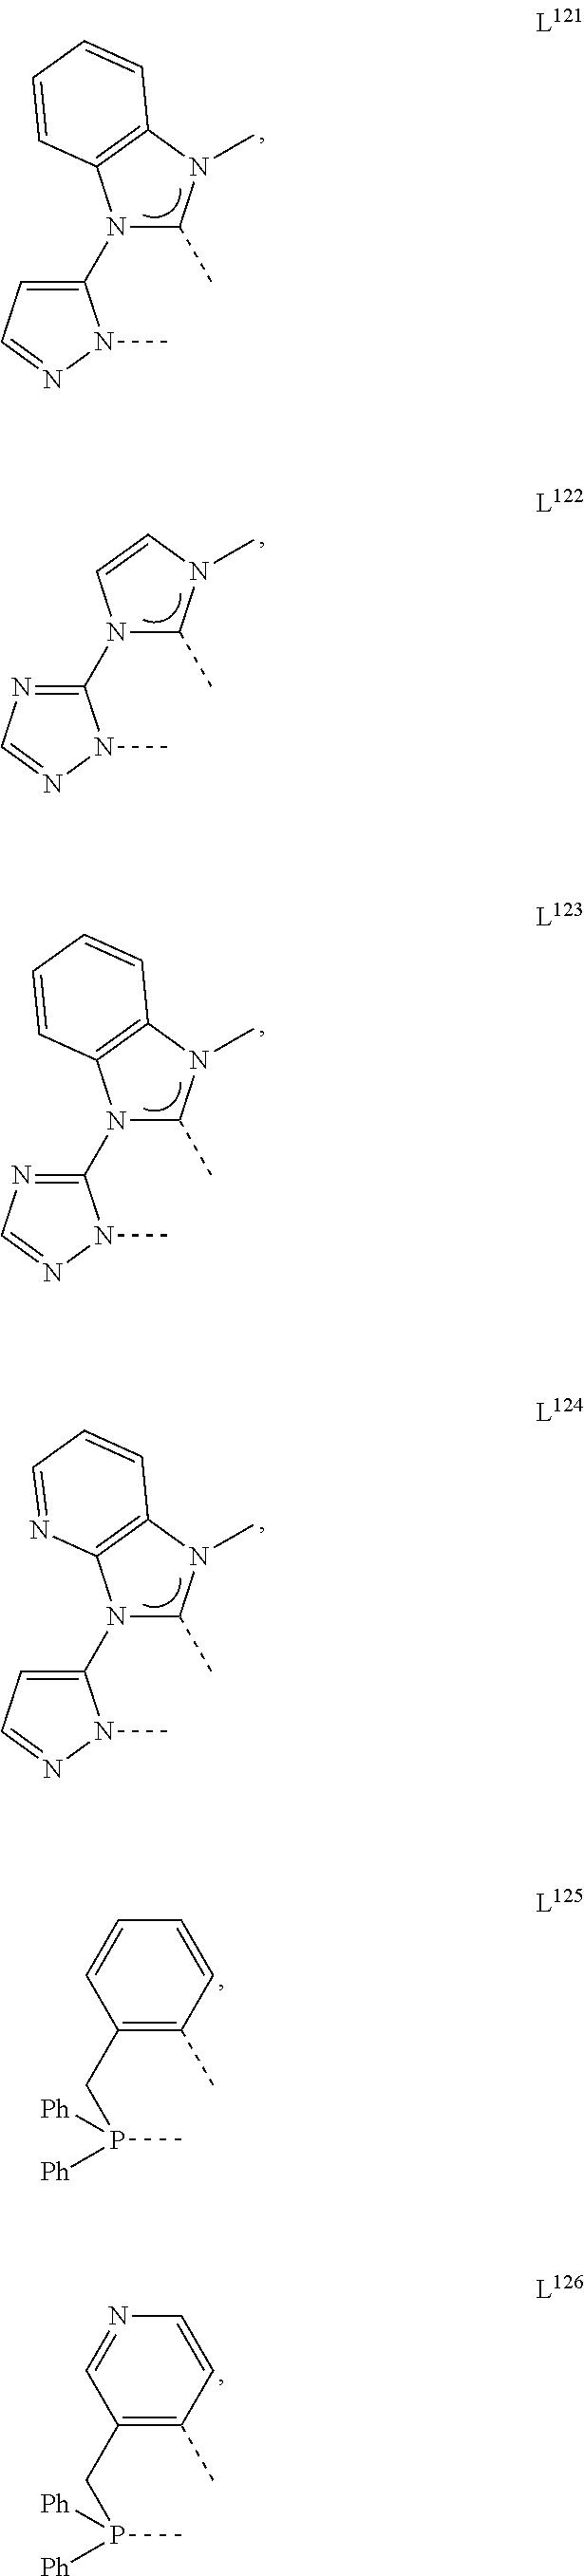 Figure US09306179-20160405-C00011